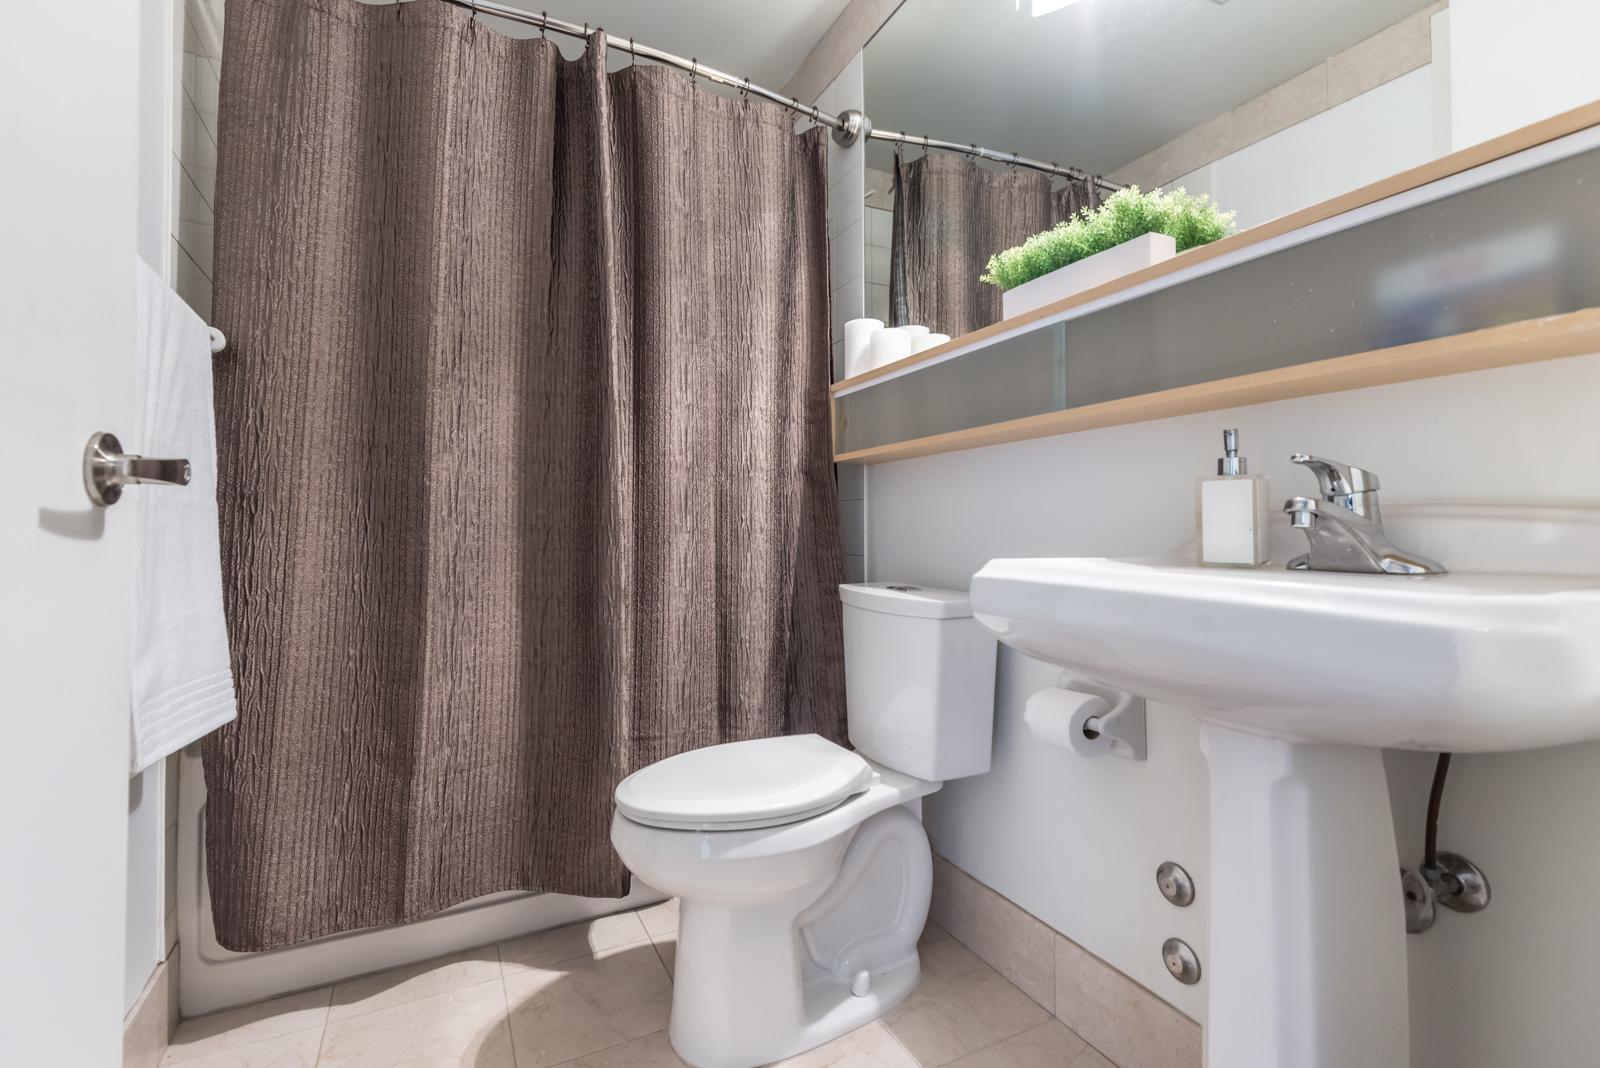 Photo of 85 Bloor Street bathroom.